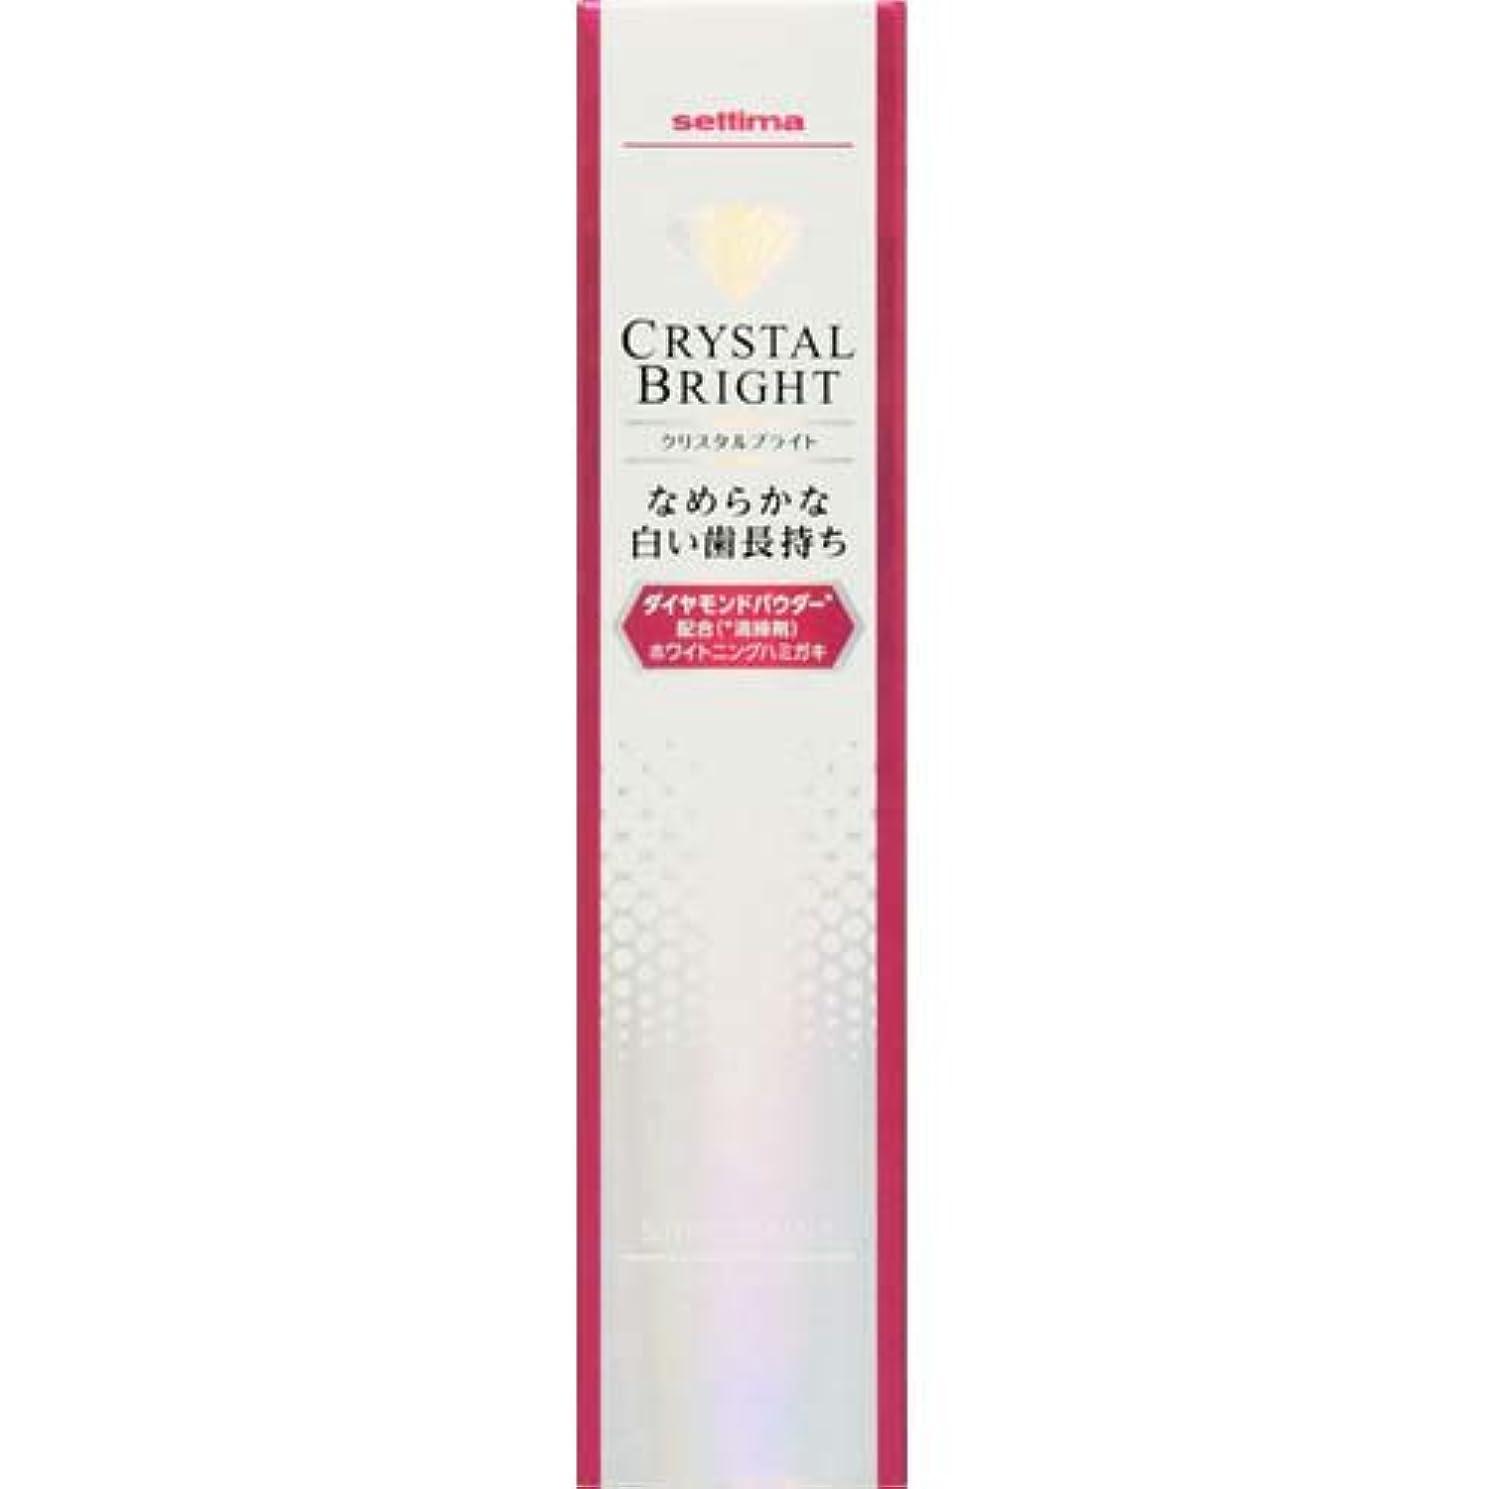 乳製品手書き知性セッチマ クリスタルブライト ハミガキ シャインミント 40g